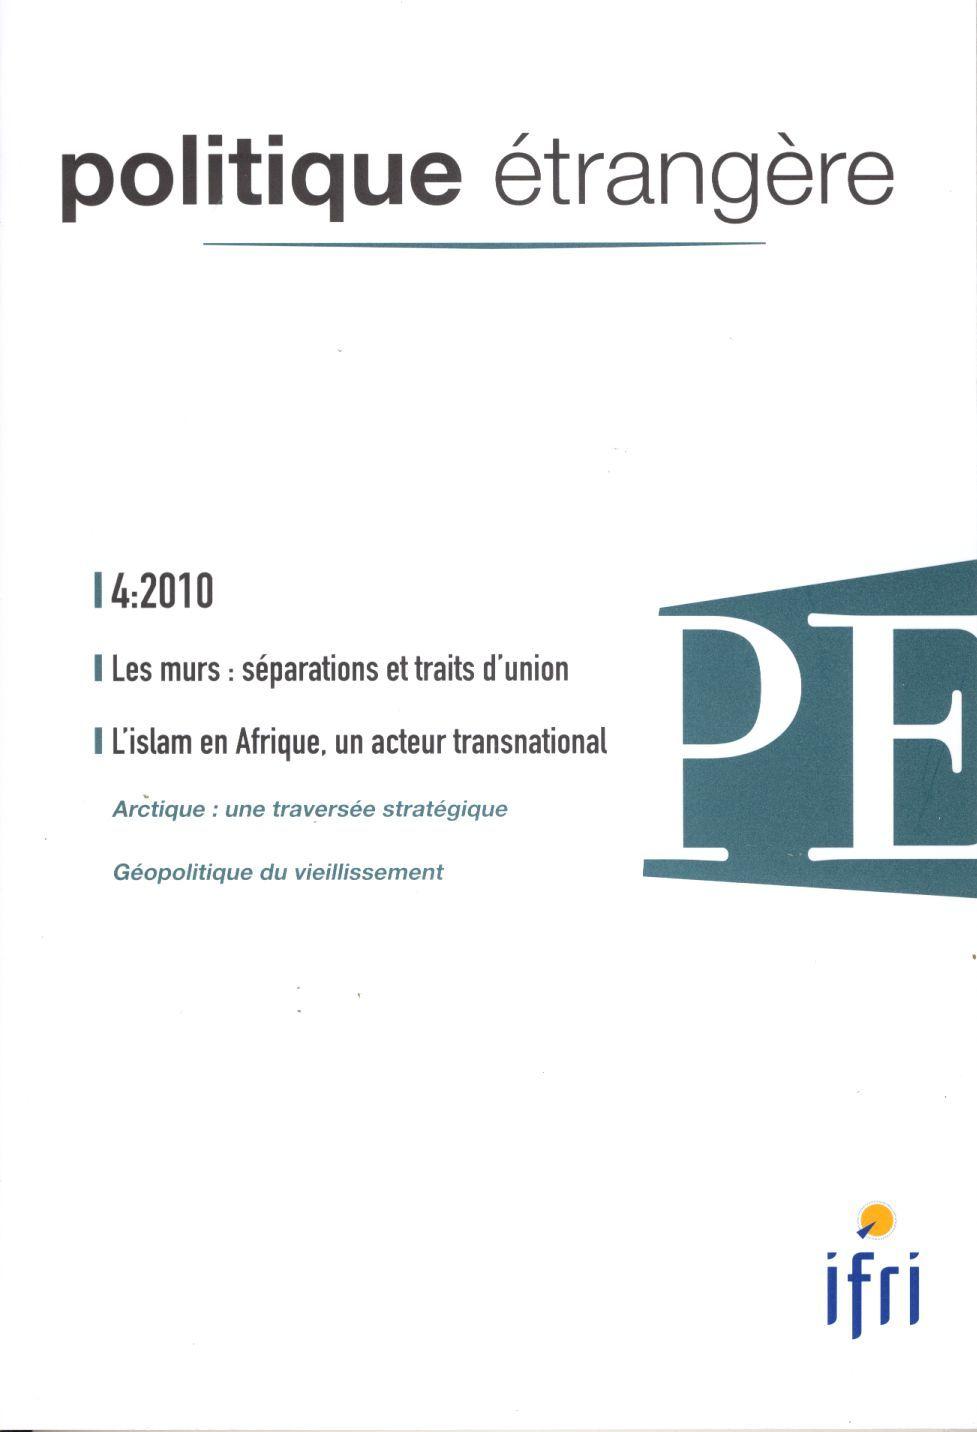 POLITIQUE ETRANGERE N 4-2010 : LES MURS, SEPARATIONS ET TRAITS D'UNION